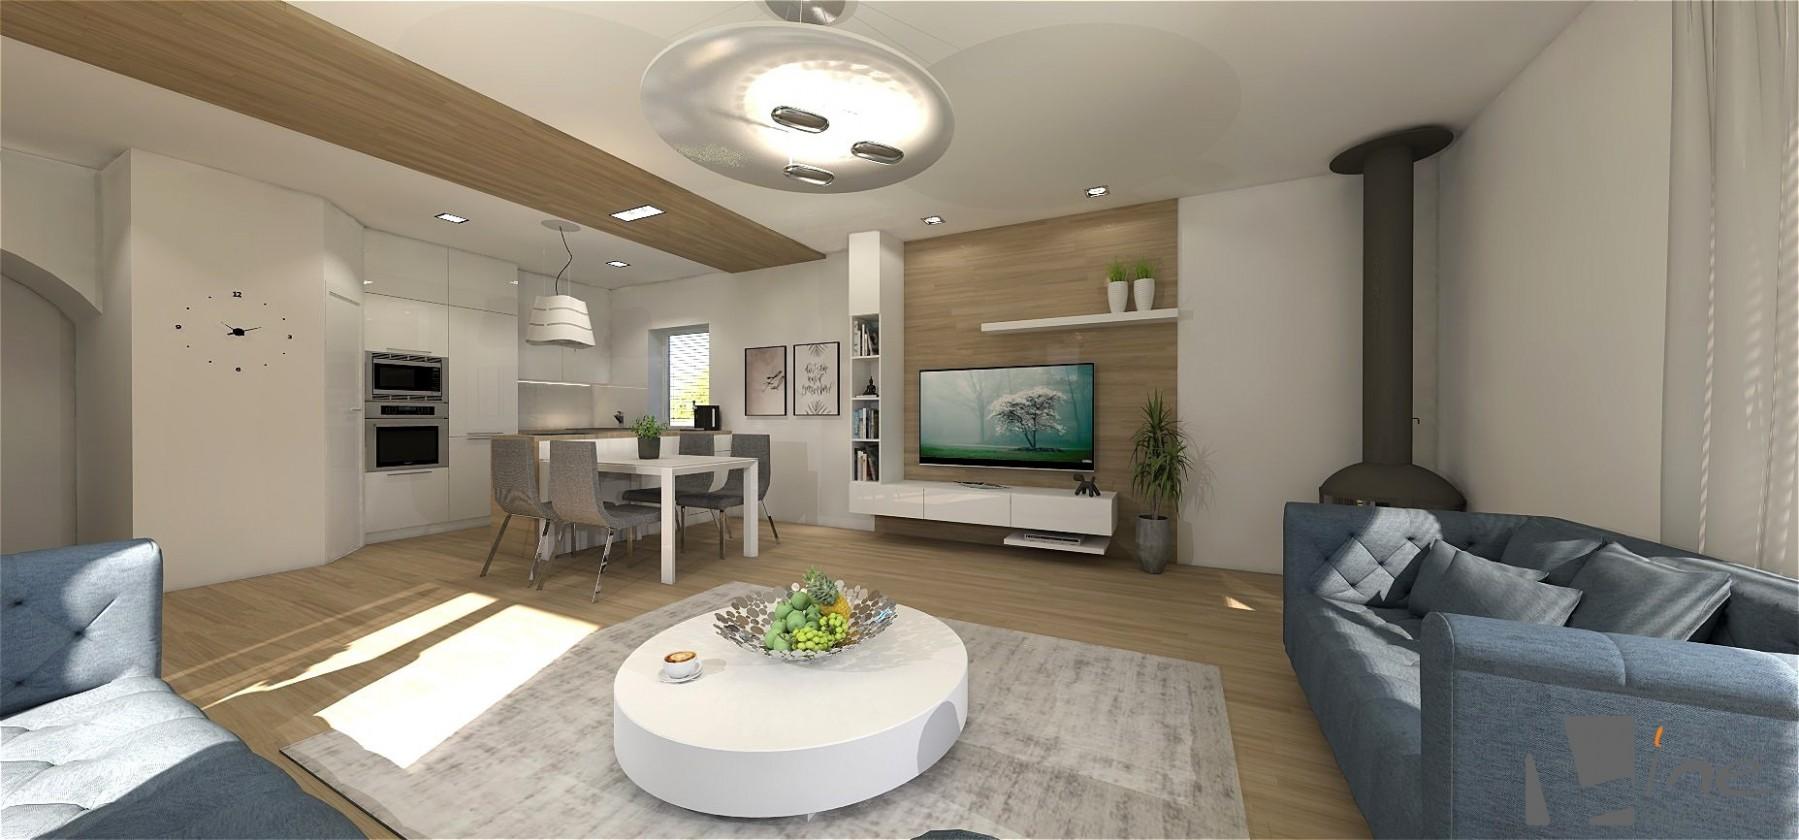 Příklad (440+ Obraz) Nápady Nejchladnejší Interiér domu